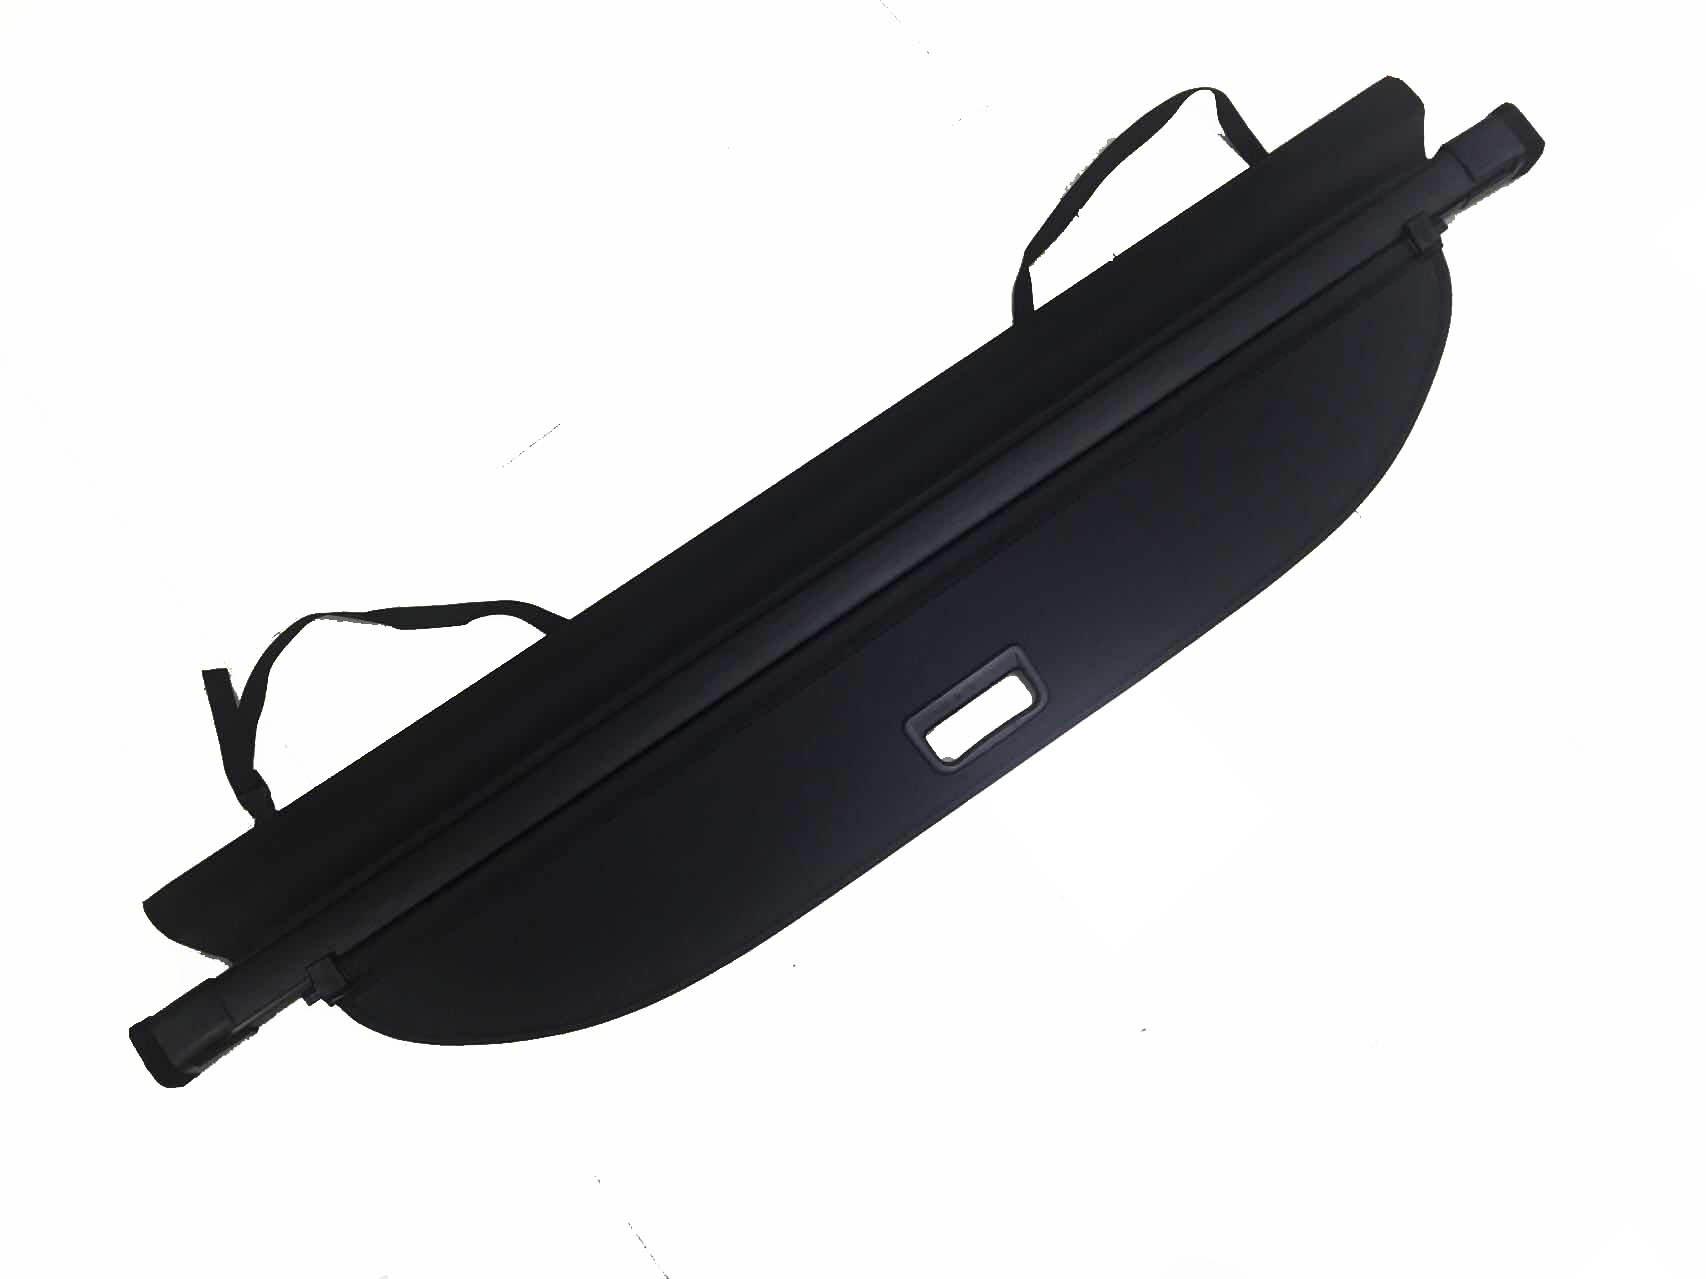 kaungka Cargo Cover Security Rear Trunk Cover Retractable Black for 2018 2019 GMC Terrain Chevrolet Equinox by Kaungka